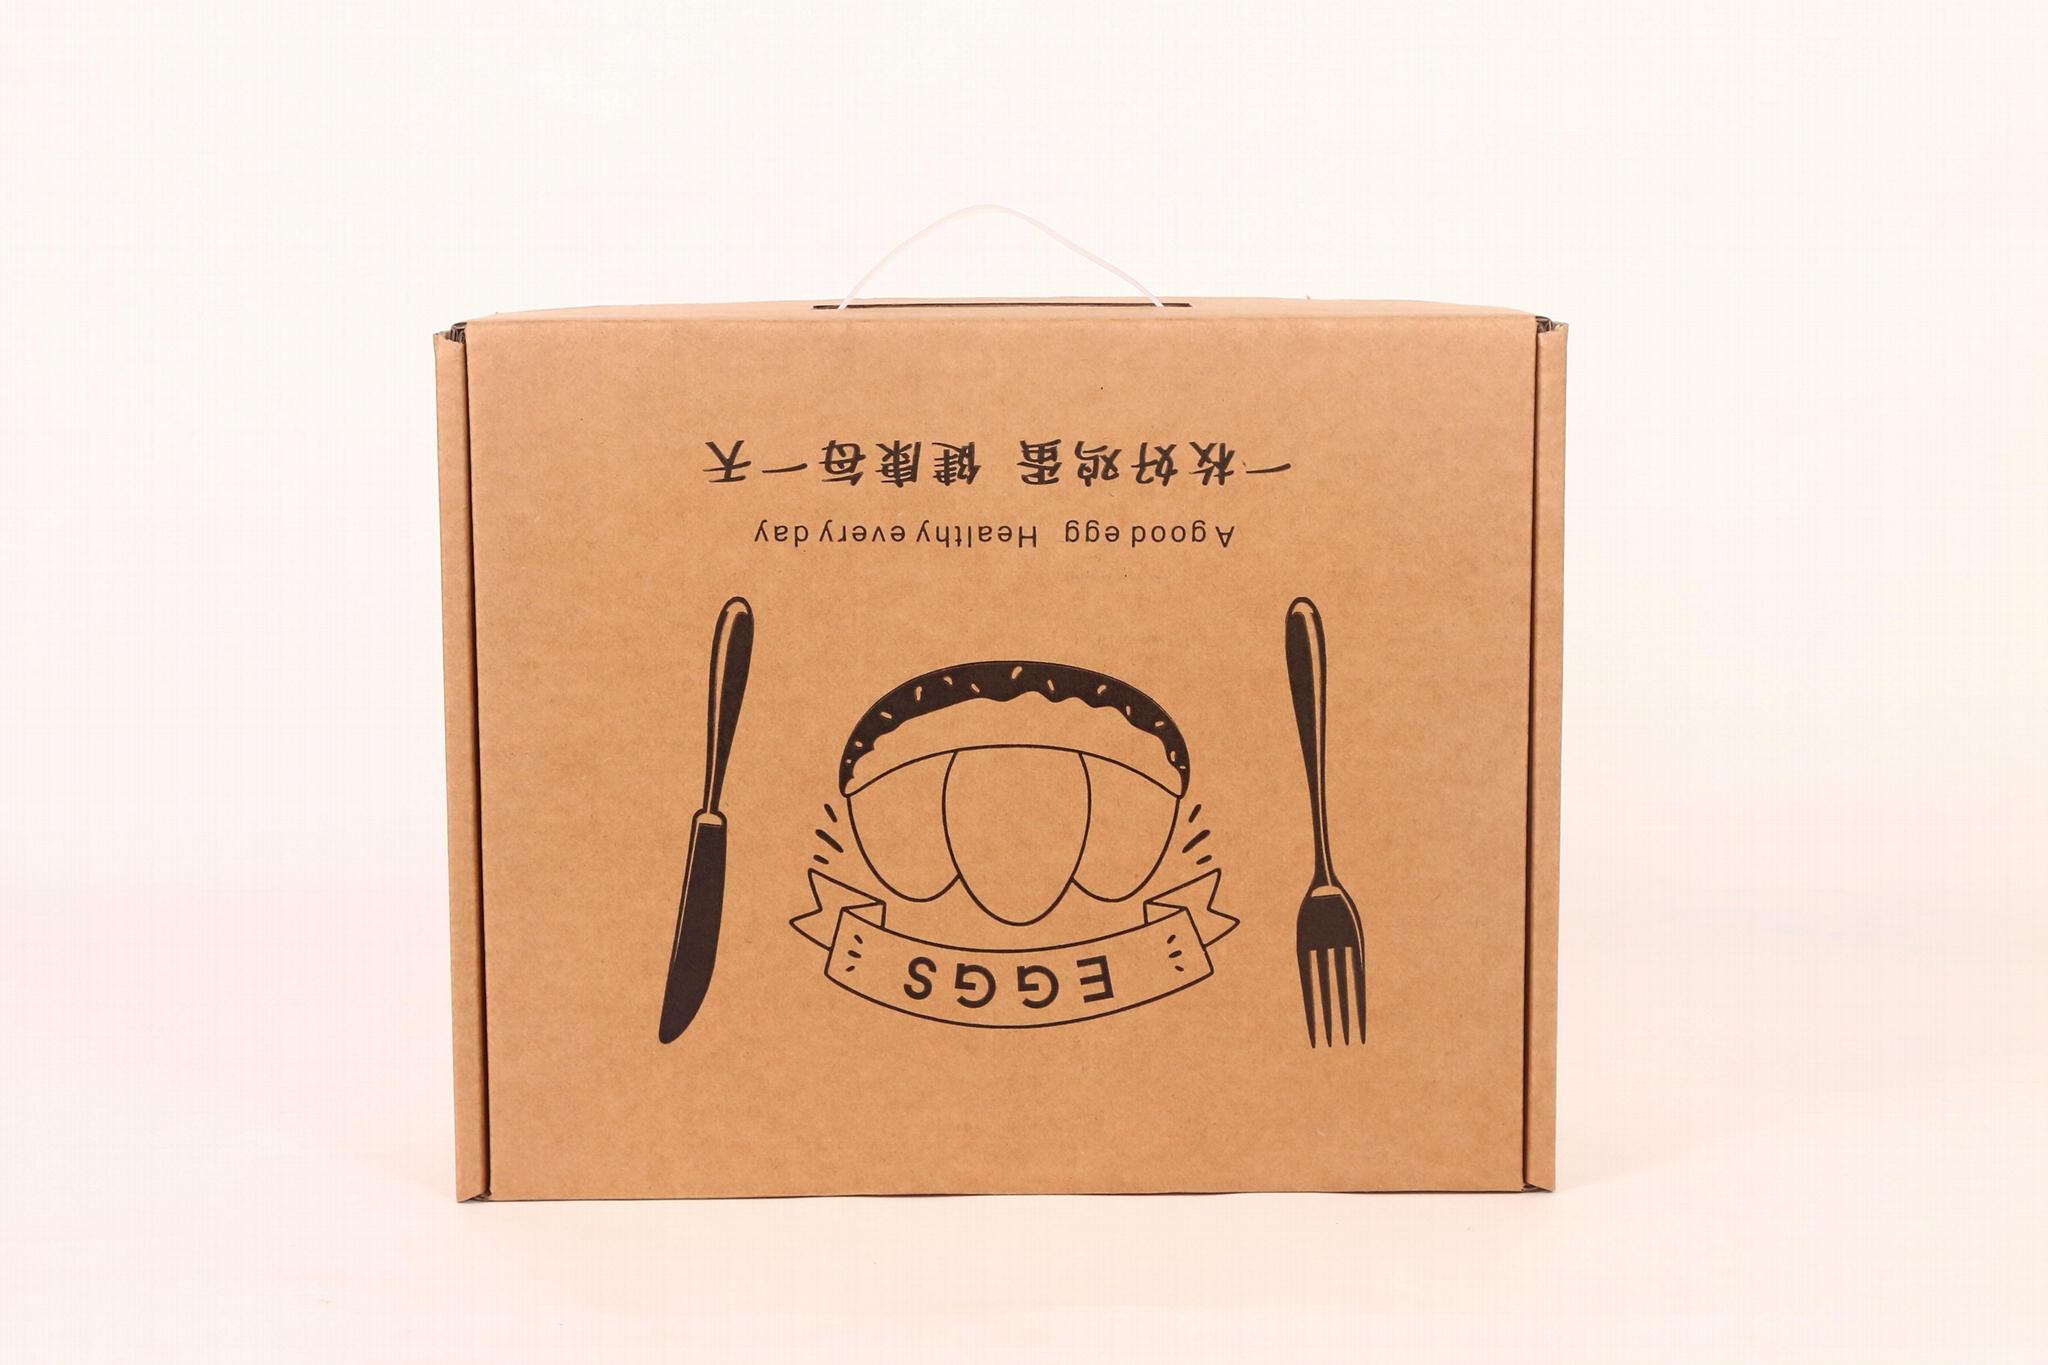 30枚雞蛋現貨通用手提飛機盒快遞包裝箱牛皮紙珍珠棉內托禮品盒 1